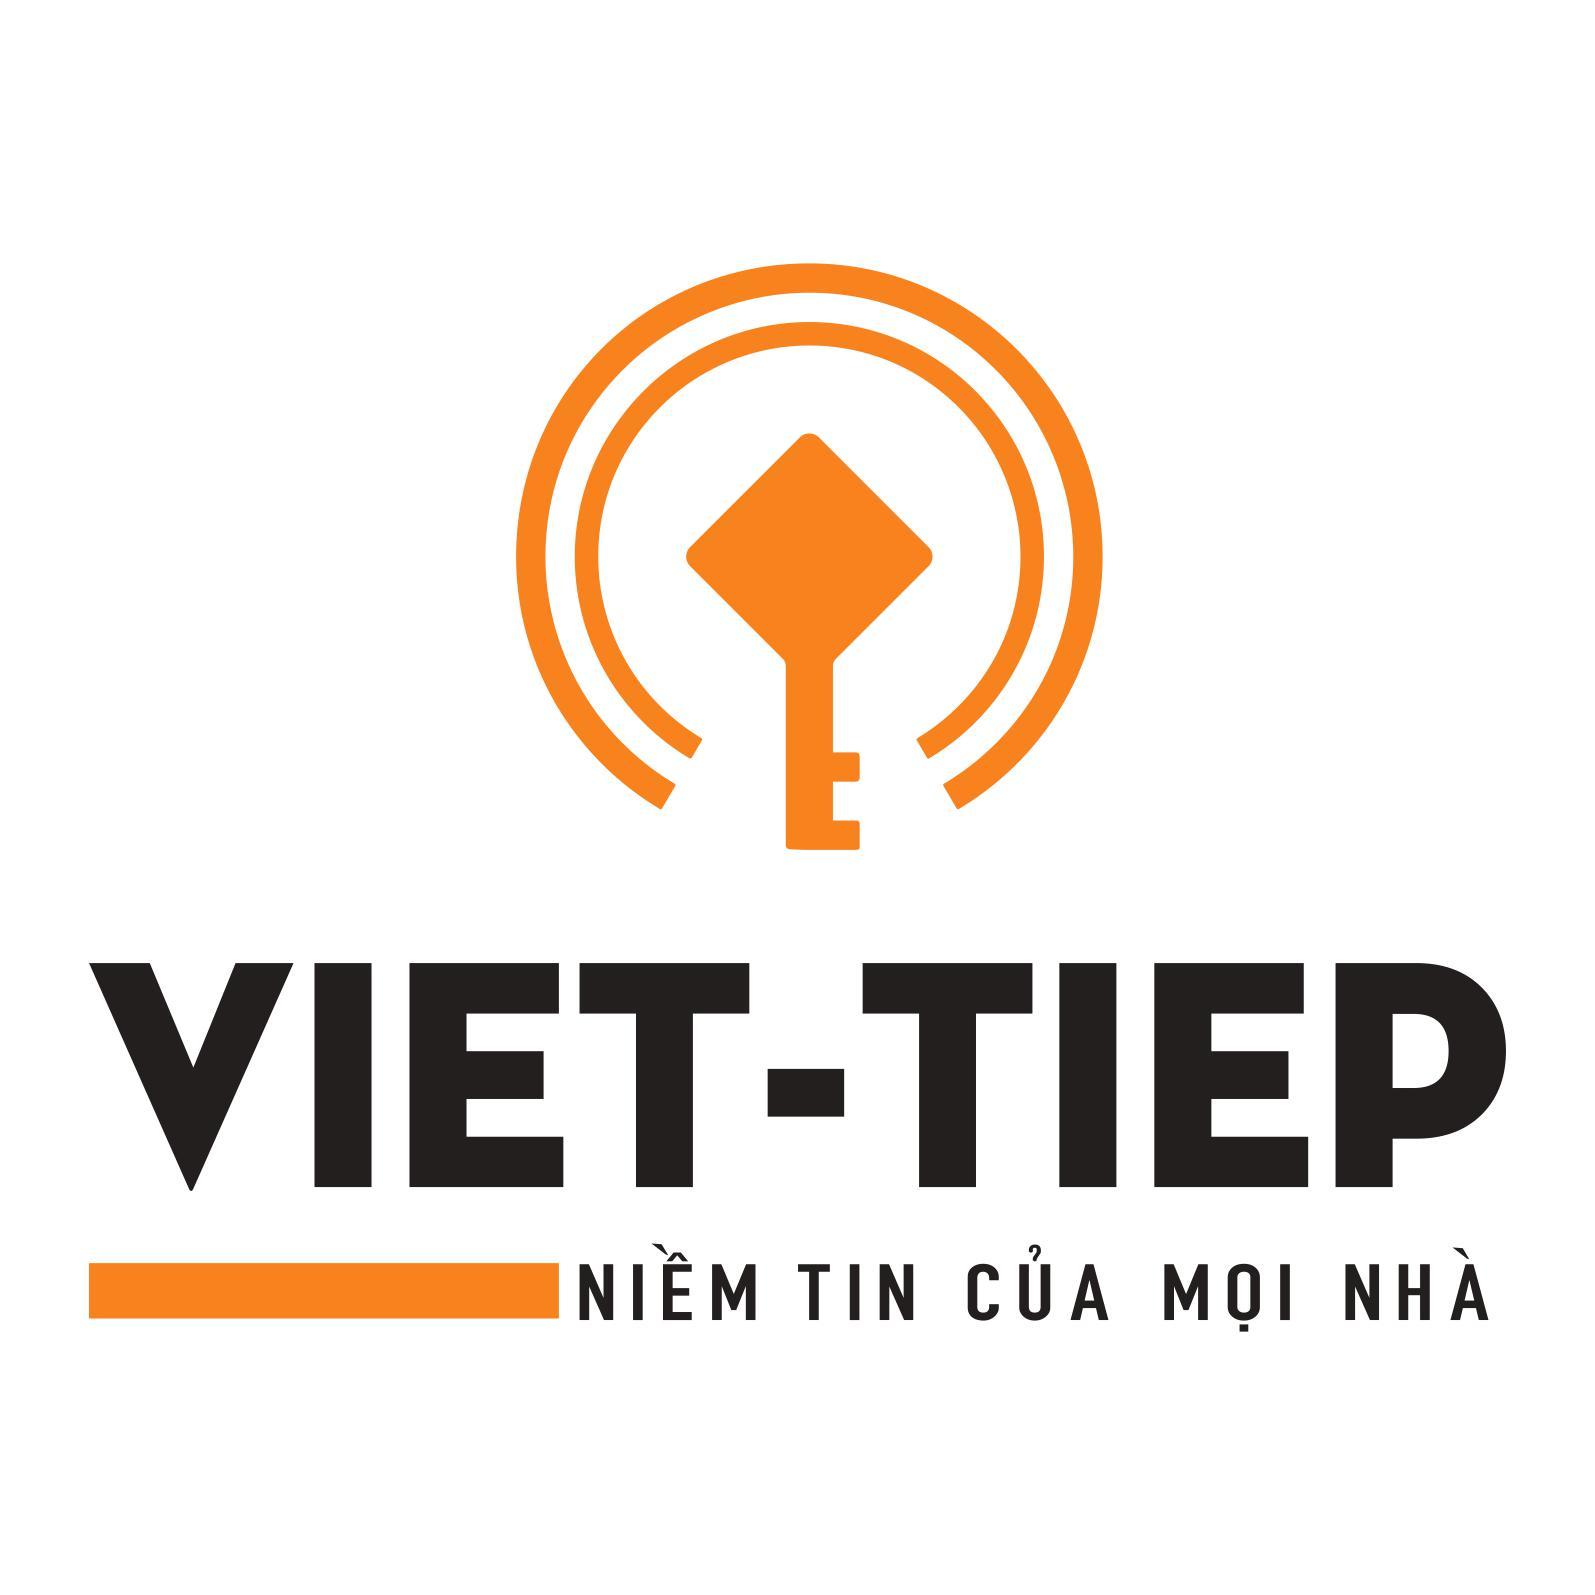 Ngày 24/4/2016 Công ty cổ phần Khóa Việt - Tiệp Họp Đại hội cổ đông thường niên 2016